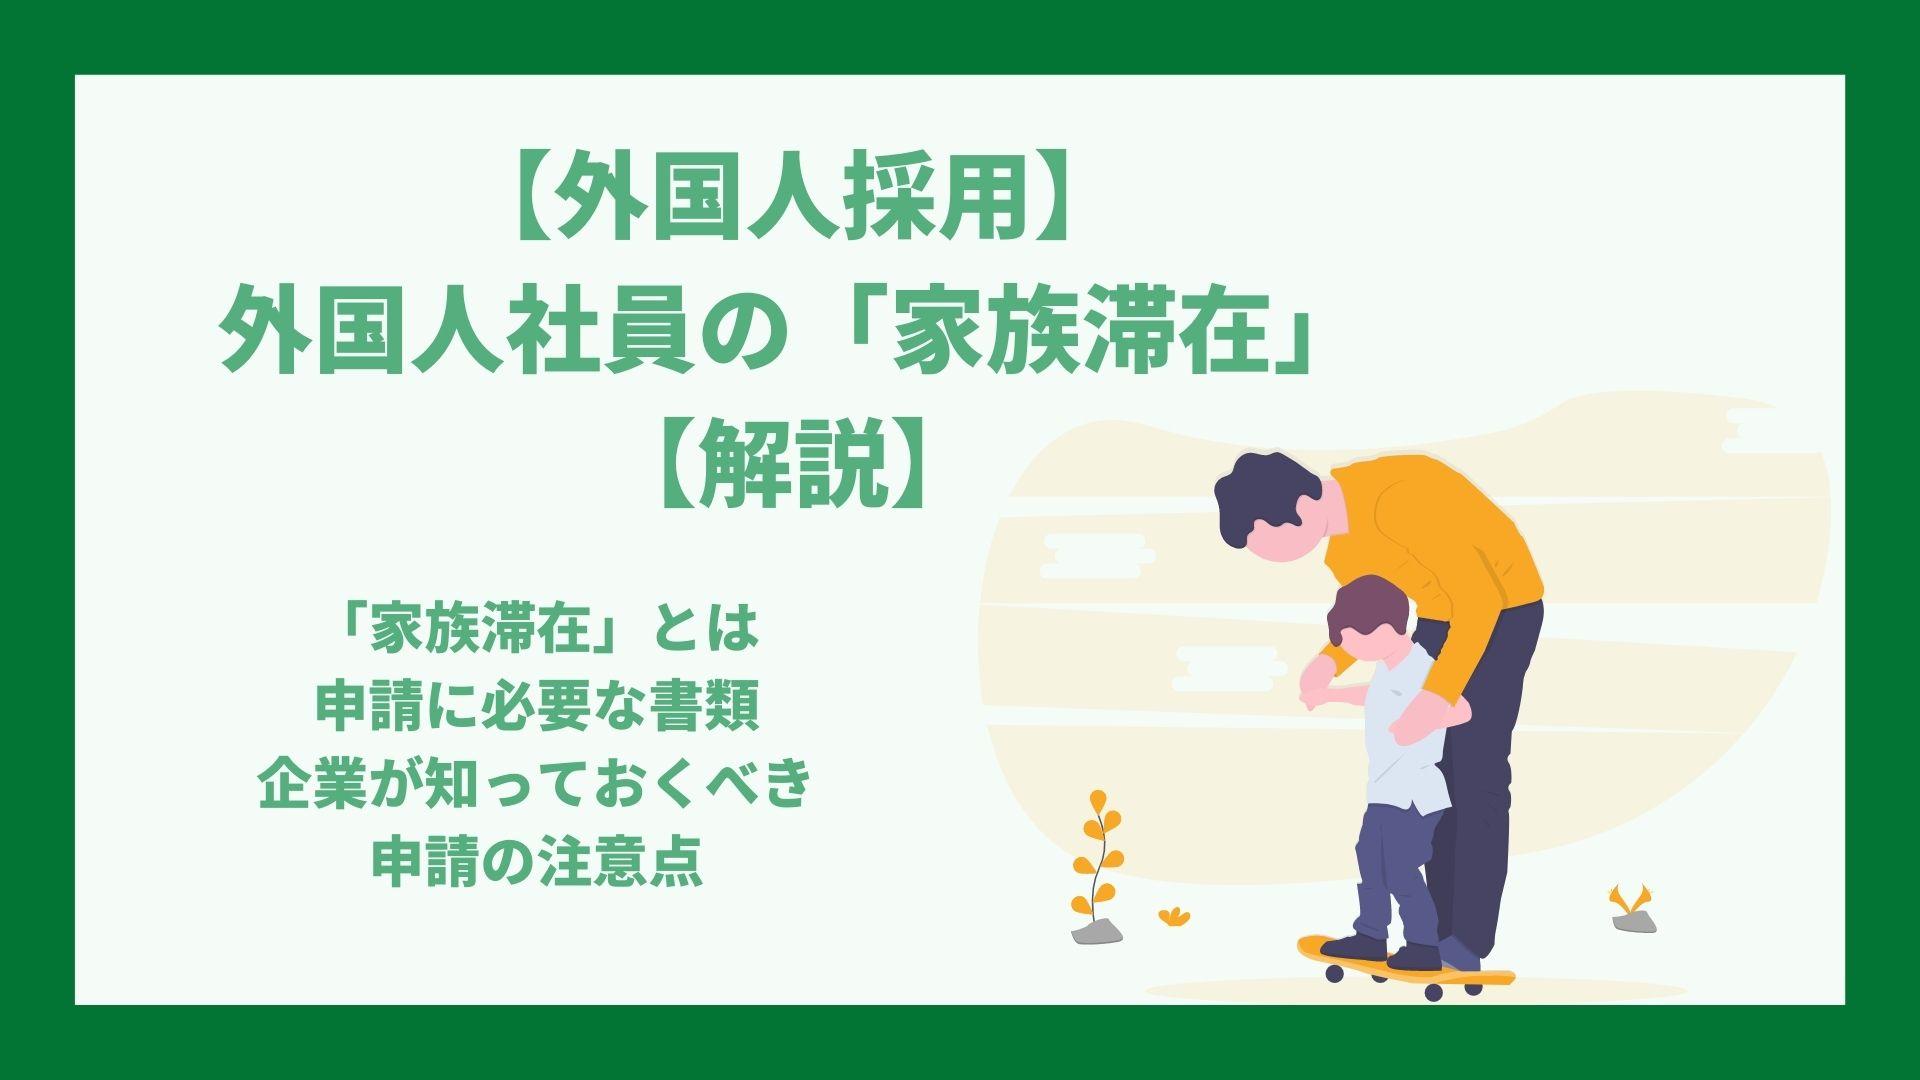 外国人の「家族滞在」とは? 採用する外国人が家族を連れてくる場合、どうする?家族のいる外国人のビザについて、わかりやすく解説します